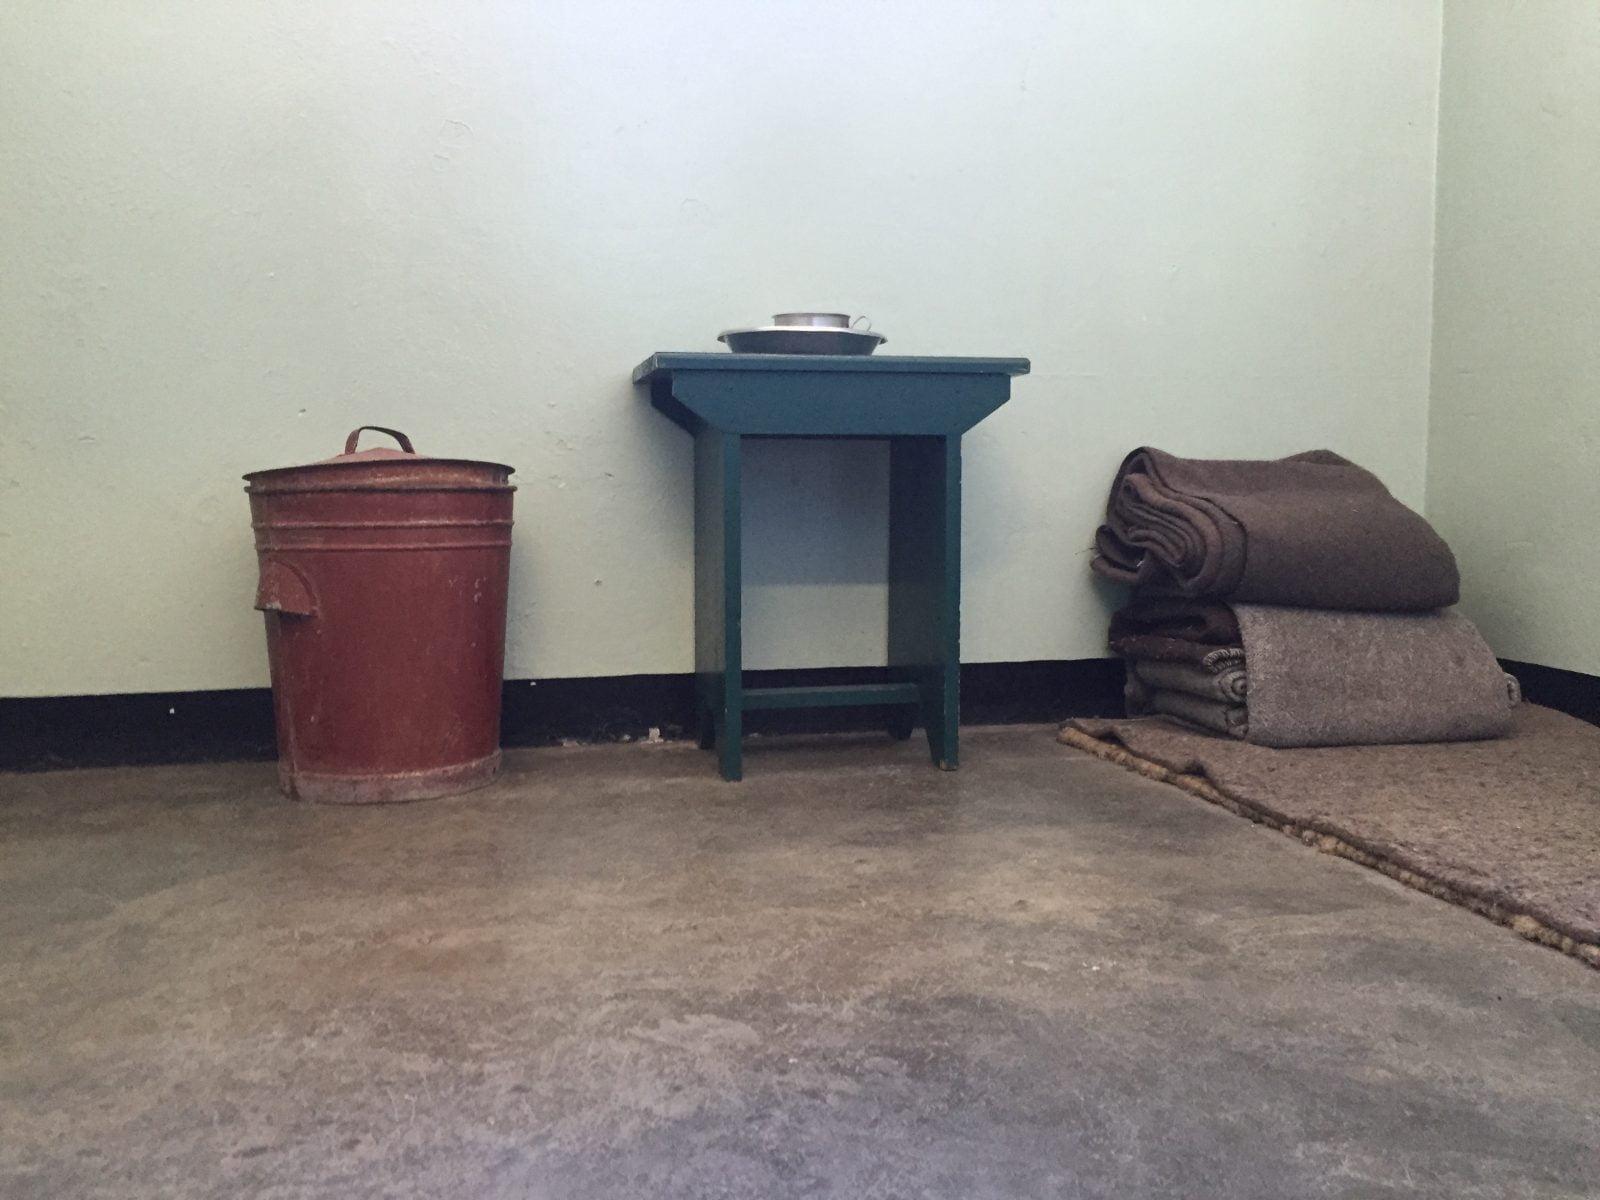 Nelson Mandela'nın hücresi